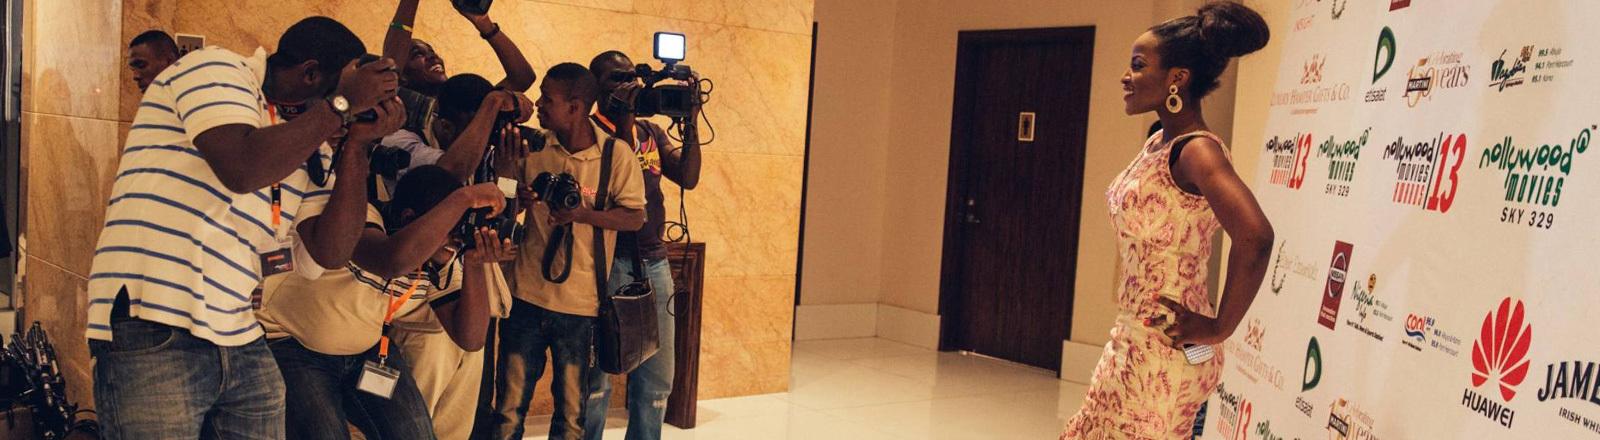 Fotoshooting auf dem roten Teppich von Nollywood.